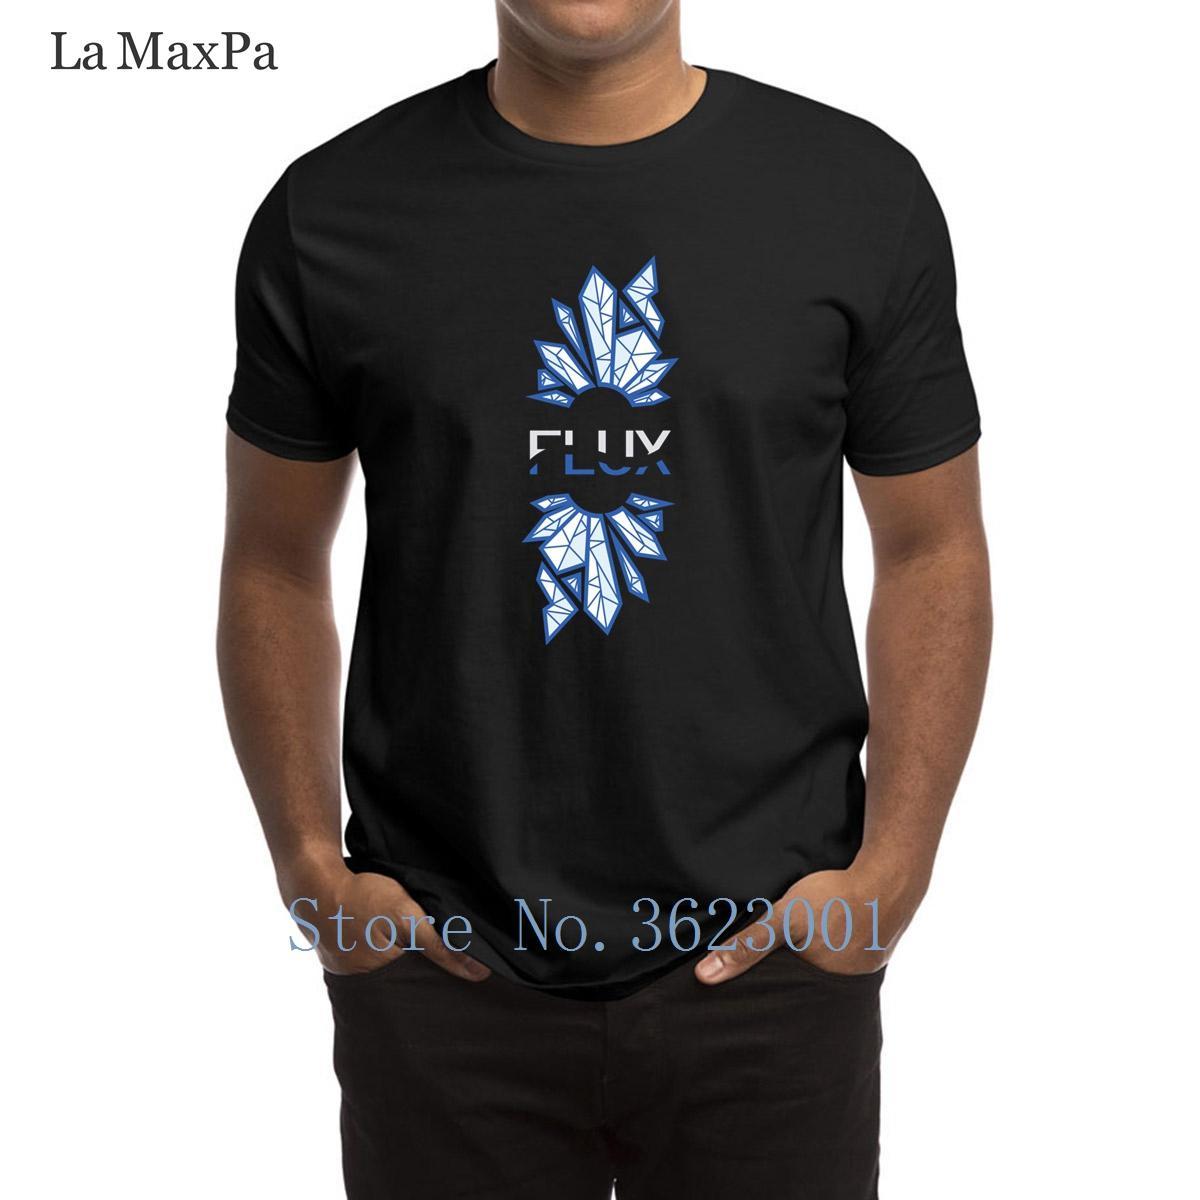 Standard Design T-shirt do homem Flux Gaming Homens T Shirt estranho masculino camiseta Homem Novo Chegada em torno do pescoço T-shirt para homens Top Tee